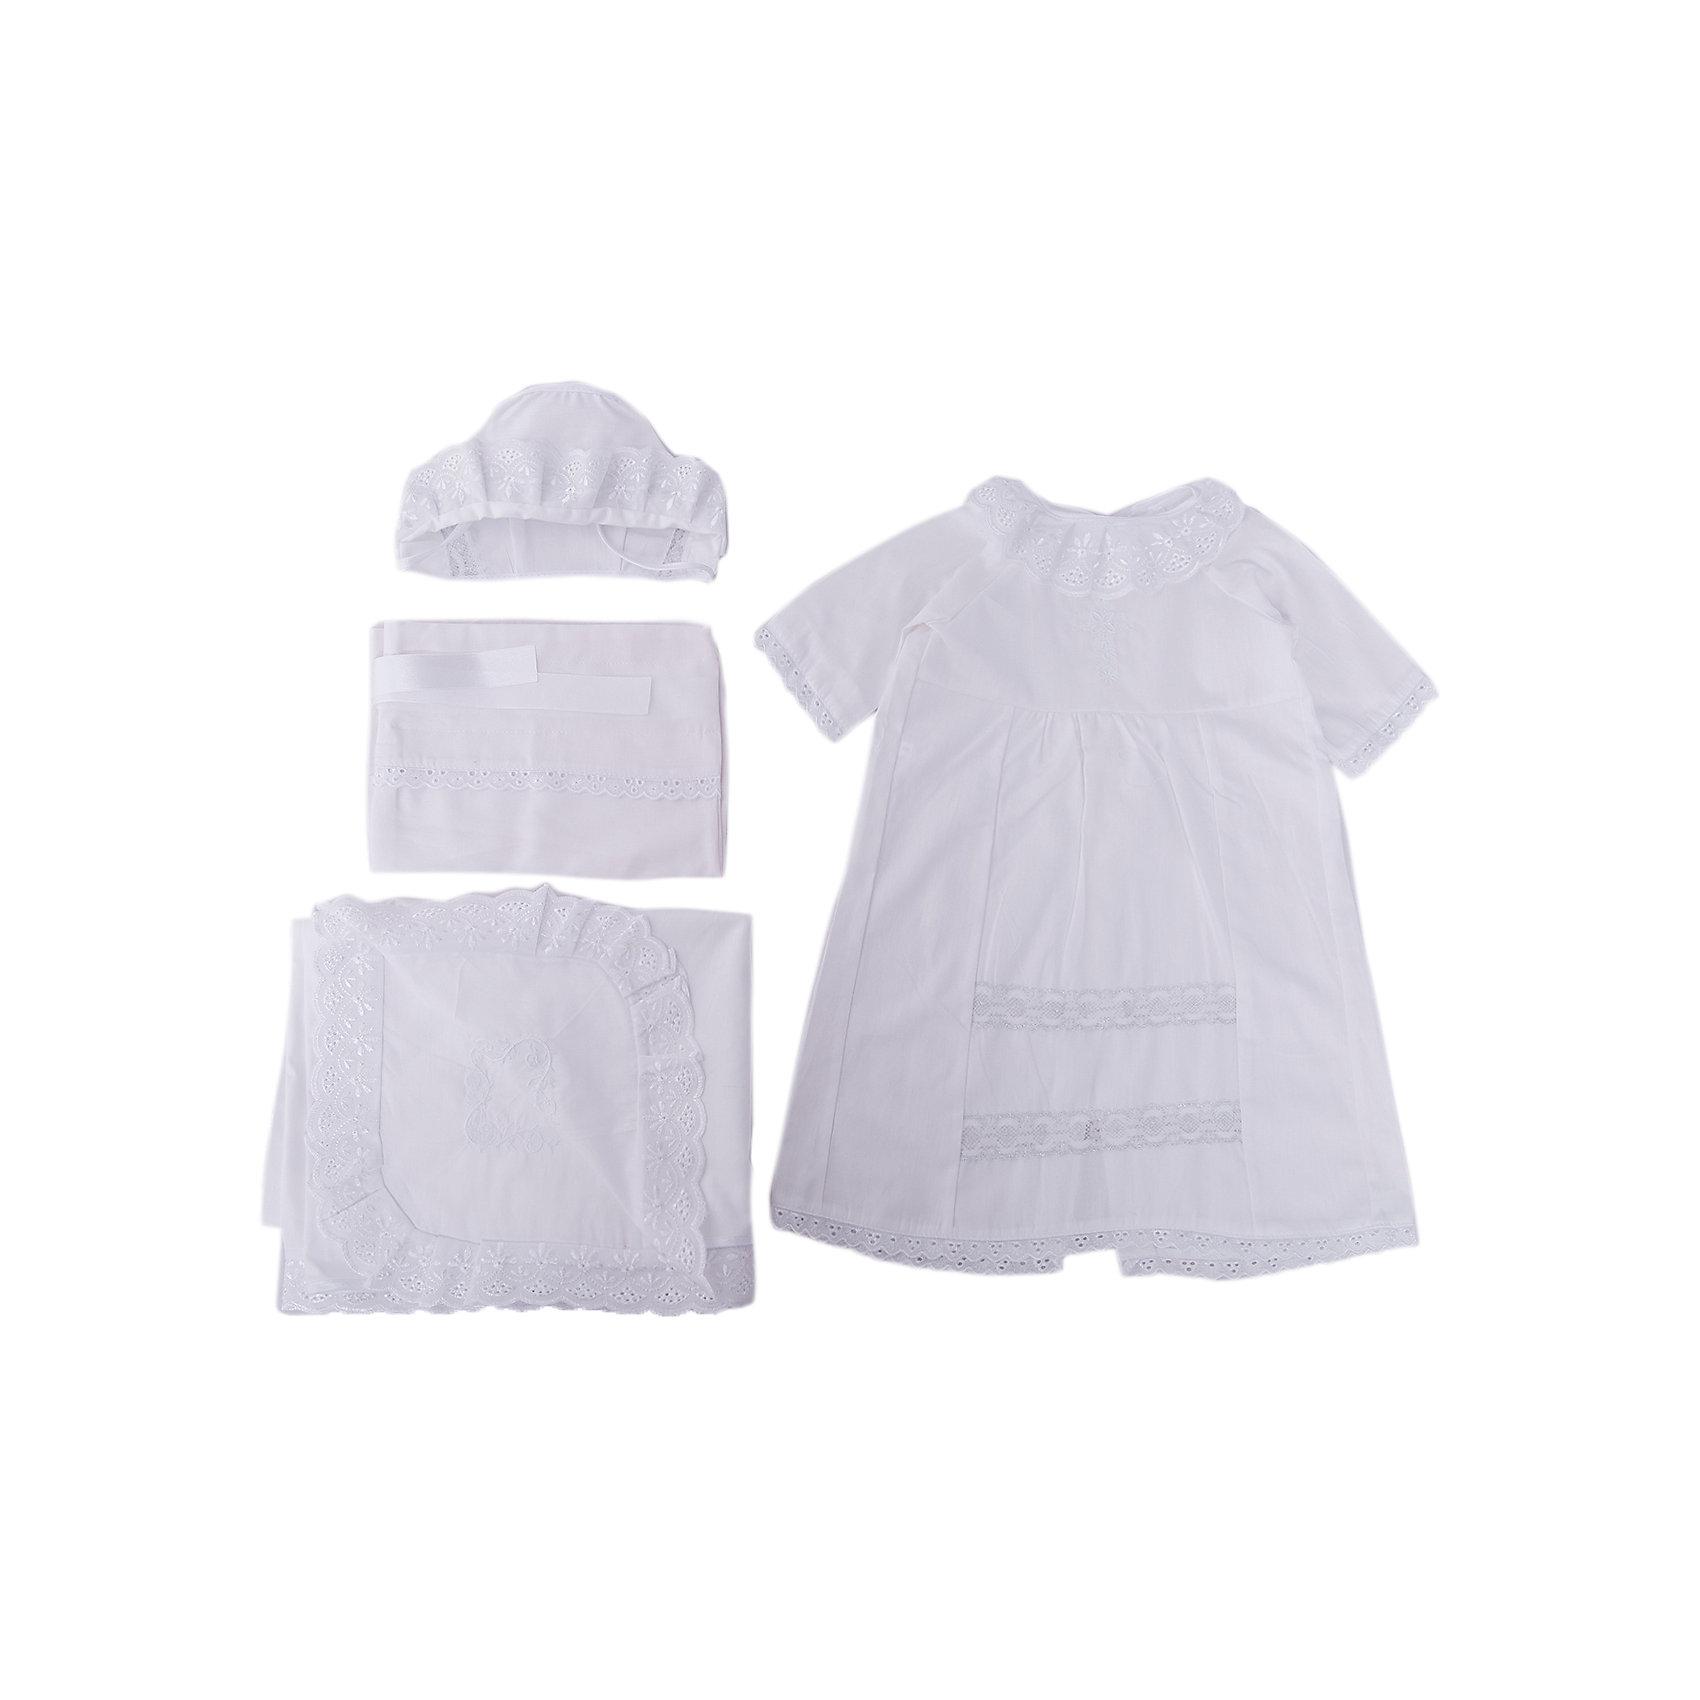 Крестильный набор для девочки, р-р 62, Сонный гномик, белыйКрестильные наборы<br>Обряд крещения является духовным рождением человека. Для данного обряда необходимо иметь крестильную рубашку и чепчик, а также, крыжму, чтобы завернуть малышку после купели. Набор «Сонный гномик» для крещения девочки включает в себя необходимые аксессуары. <br><br>Крестильная рубашка украшена выбитым орнаментом на воротничке, рукавчиках, по подолу изделия. Имеется драпировка, которая также окаймлена выбитым орнаментом. Застегивается крестильная рубашка на кнопку, которая находится сзади. <br><br>Чепчик украшен цветочным орнаментом, имеются завязки.<br><br>В качестве крыжмы используется хлопковая пеленка прямоугольной формы, по краям украшенная вышивкой, в уголке имеется вышитый крестик. <br><br>Дополнительным аксессуаром является мешочек для хранения состриженных волосиков малыша. Мешочек украшен вышивкой, стягивается у основания и завязывается атласной лентой. <br><br>Дополнительная информация:<br><br>Размер платья: 62<br>Размер чепчика: 36<br>Размер пеленки: 115х90 см<br>Размер мешочка: 35х23 см<br><br>Материал: сатин (100% хлопок)<br><br>Комплектация крестильного набора для девочки:<br><br>• платье;<br>• чепчик;<br>• пеленка;<br>• мешочек.<br><br>Крестильный набор для девочки, р-р 62, Сонный гномик, белый можно купить в нашем интернет-магазине.<br><br>Ширина мм: 350<br>Глубина мм: 250<br>Высота мм: 350<br>Вес г: 330<br>Возраст от месяцев: 0<br>Возраст до месяцев: 3<br>Пол: Женский<br>Возраст: Детский<br>SKU: 5016510